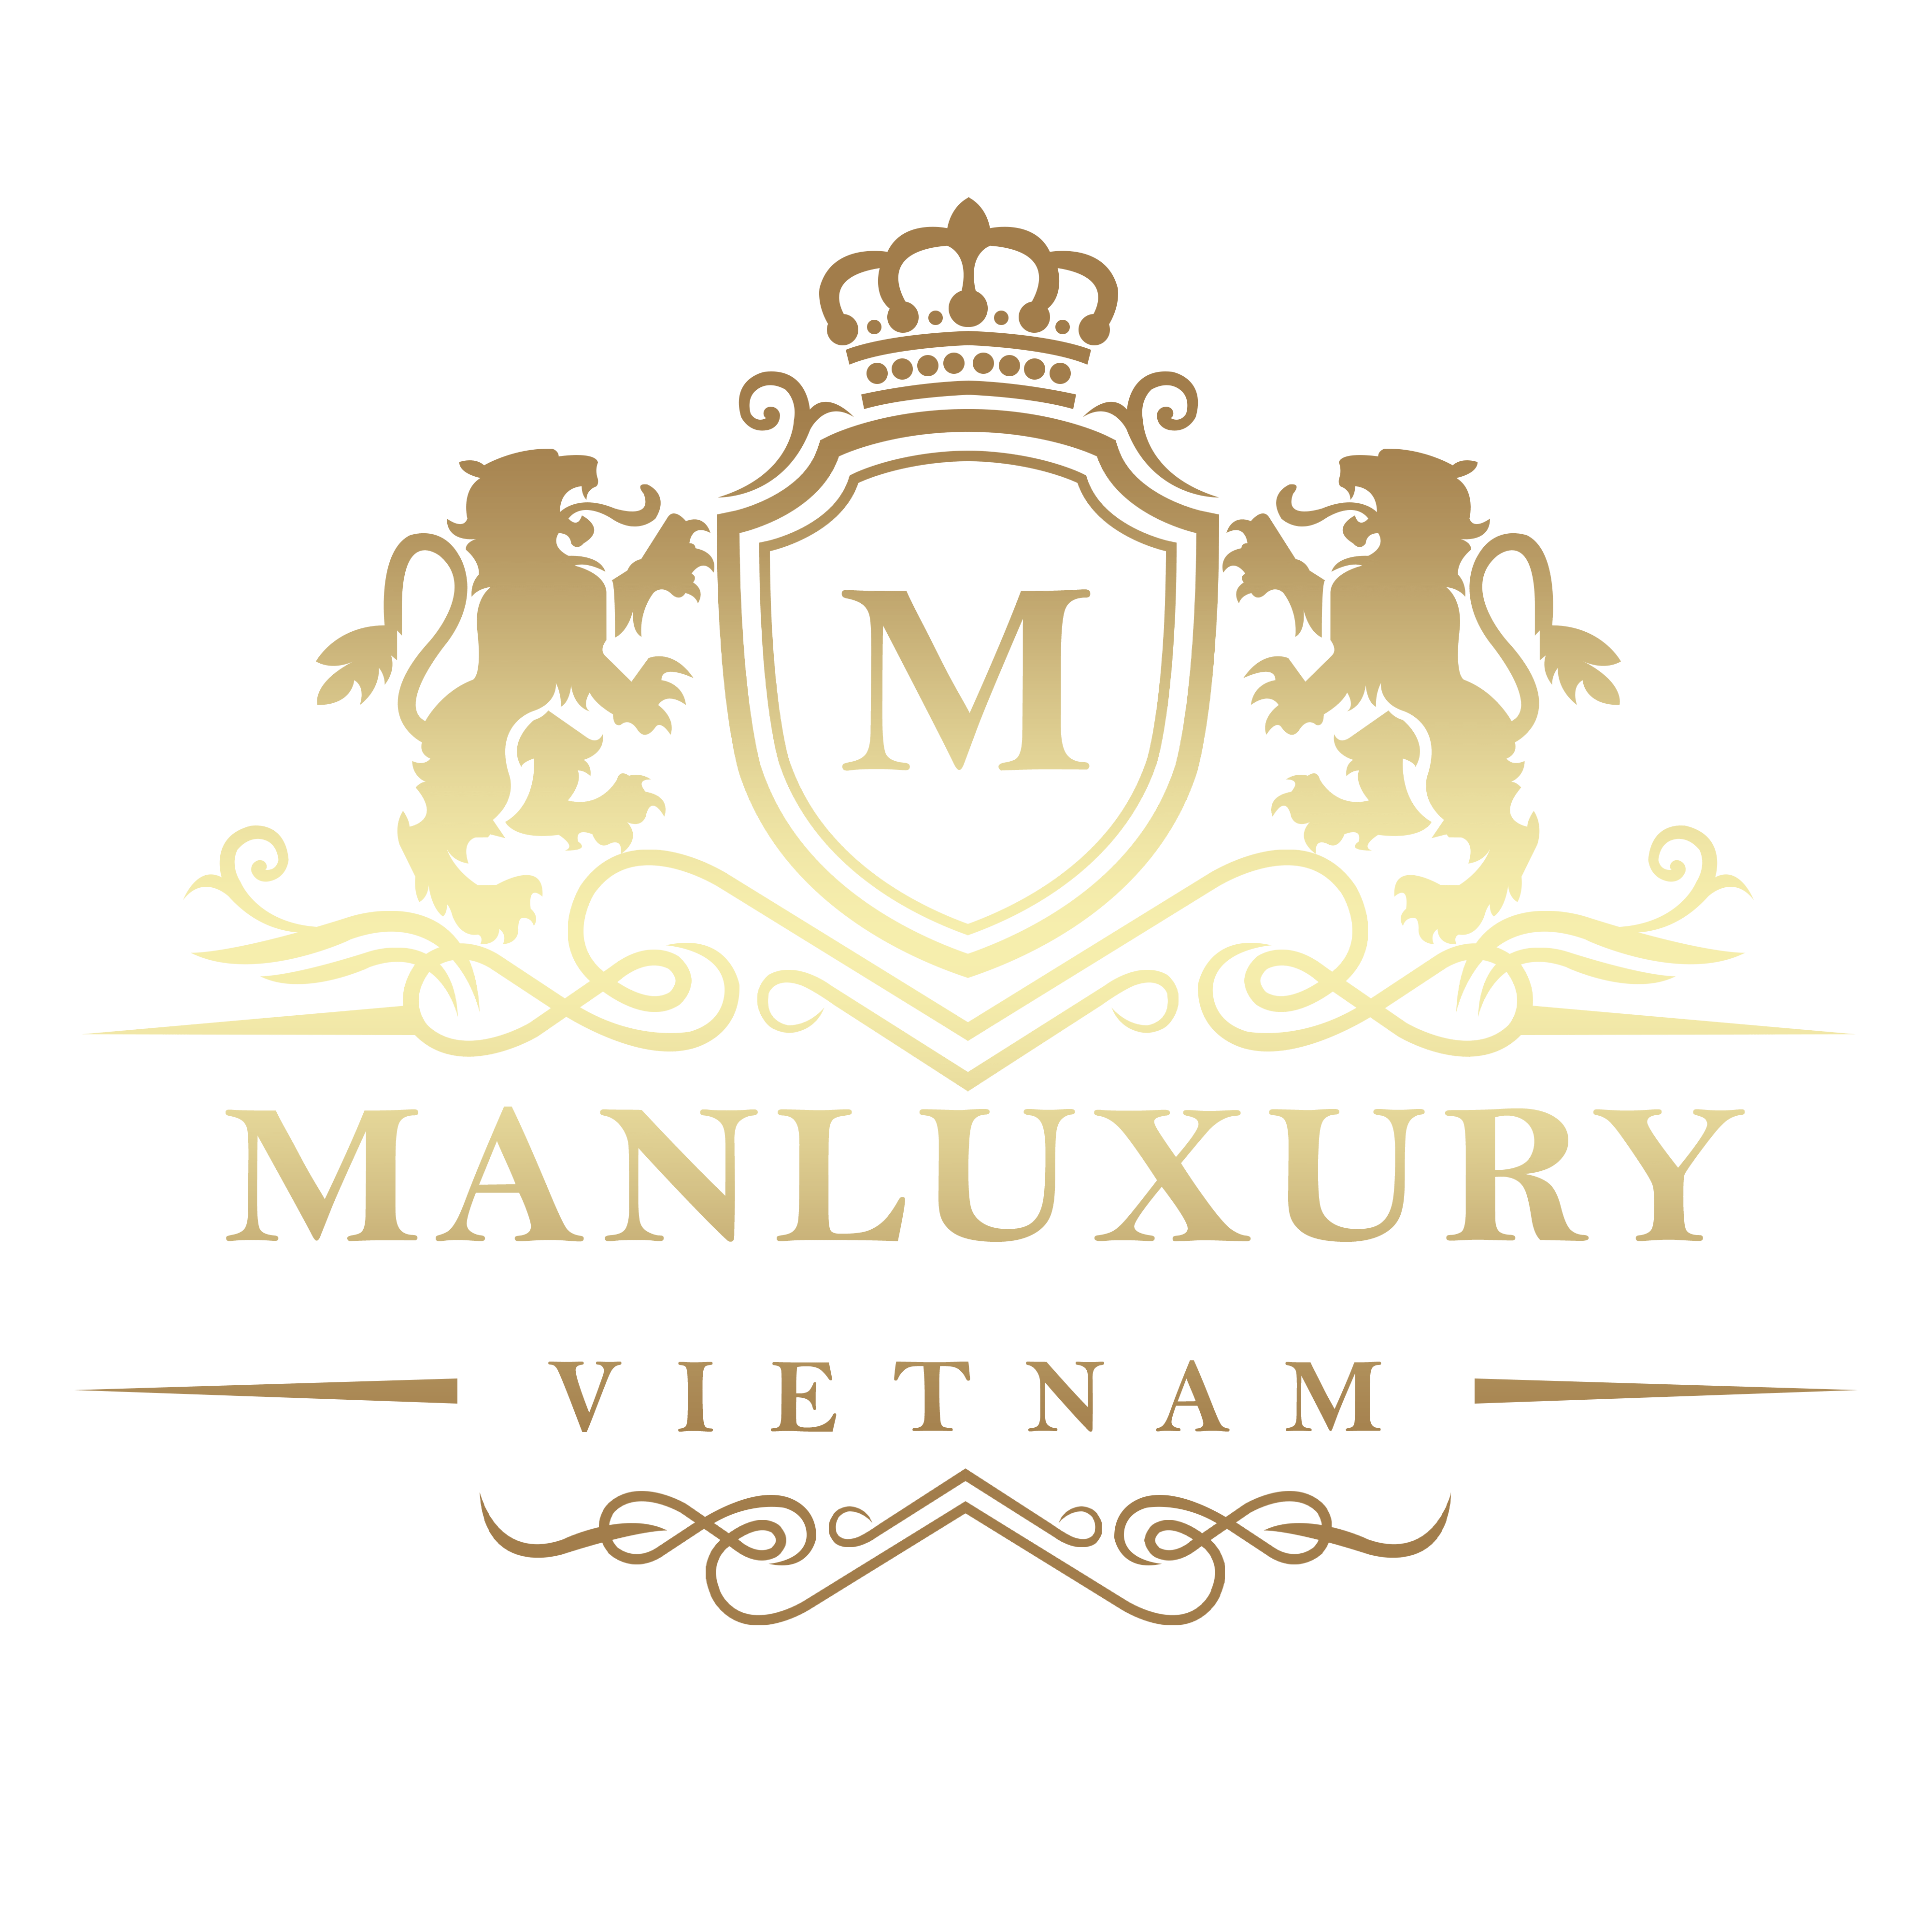 Manluxury.vn